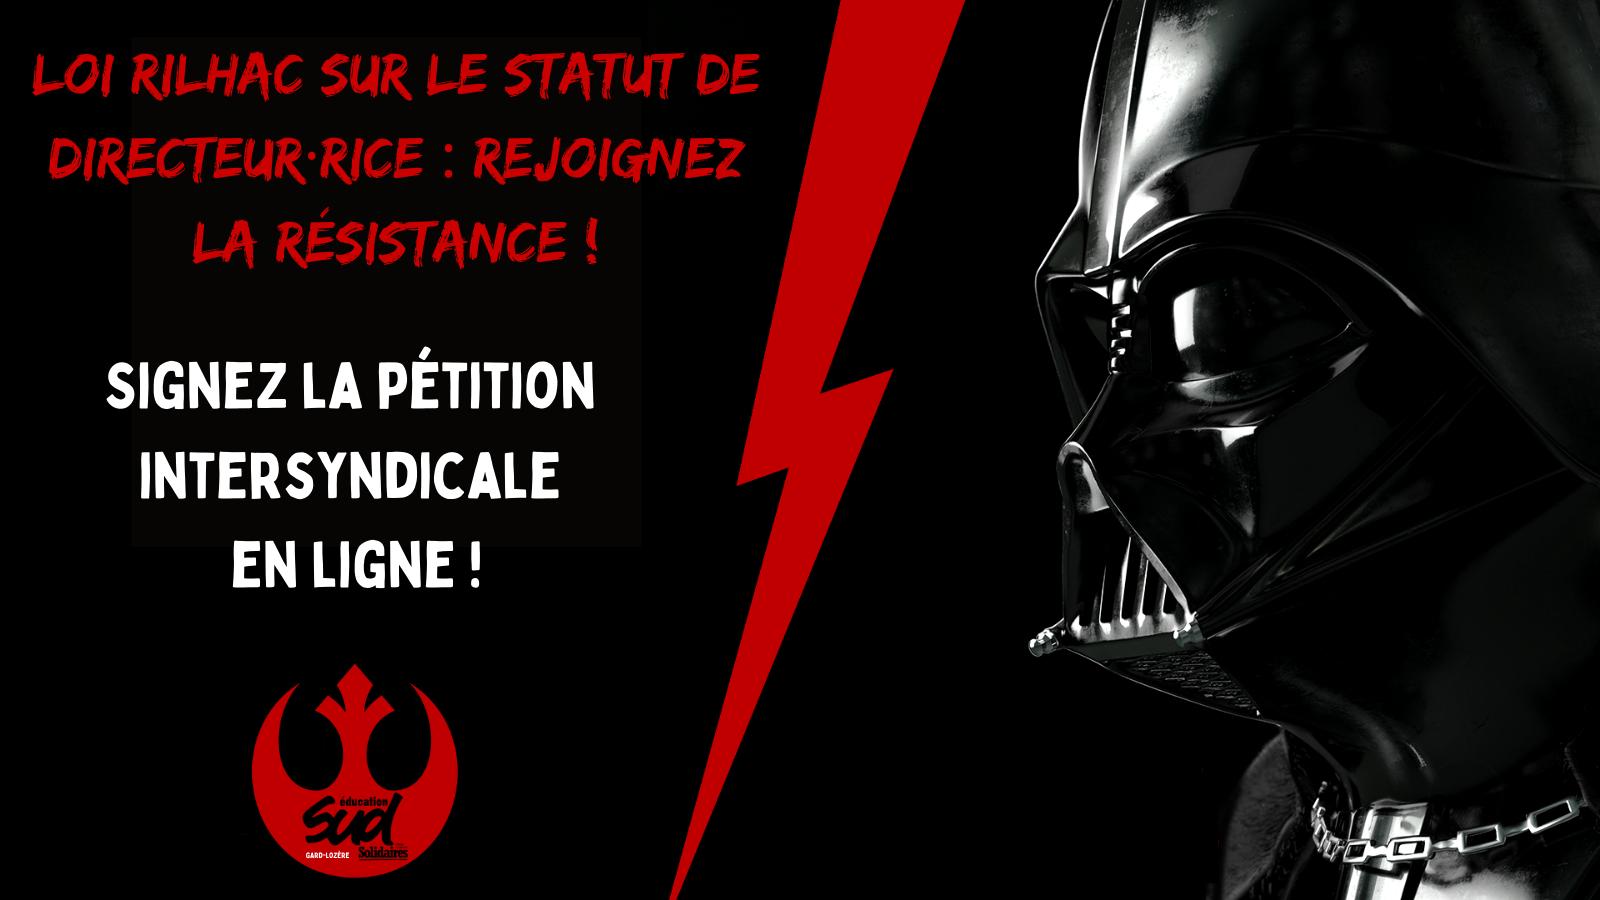 STOP à la loi Rilhac ! Directeur·rice·s, signez la pétition intersyndicale !